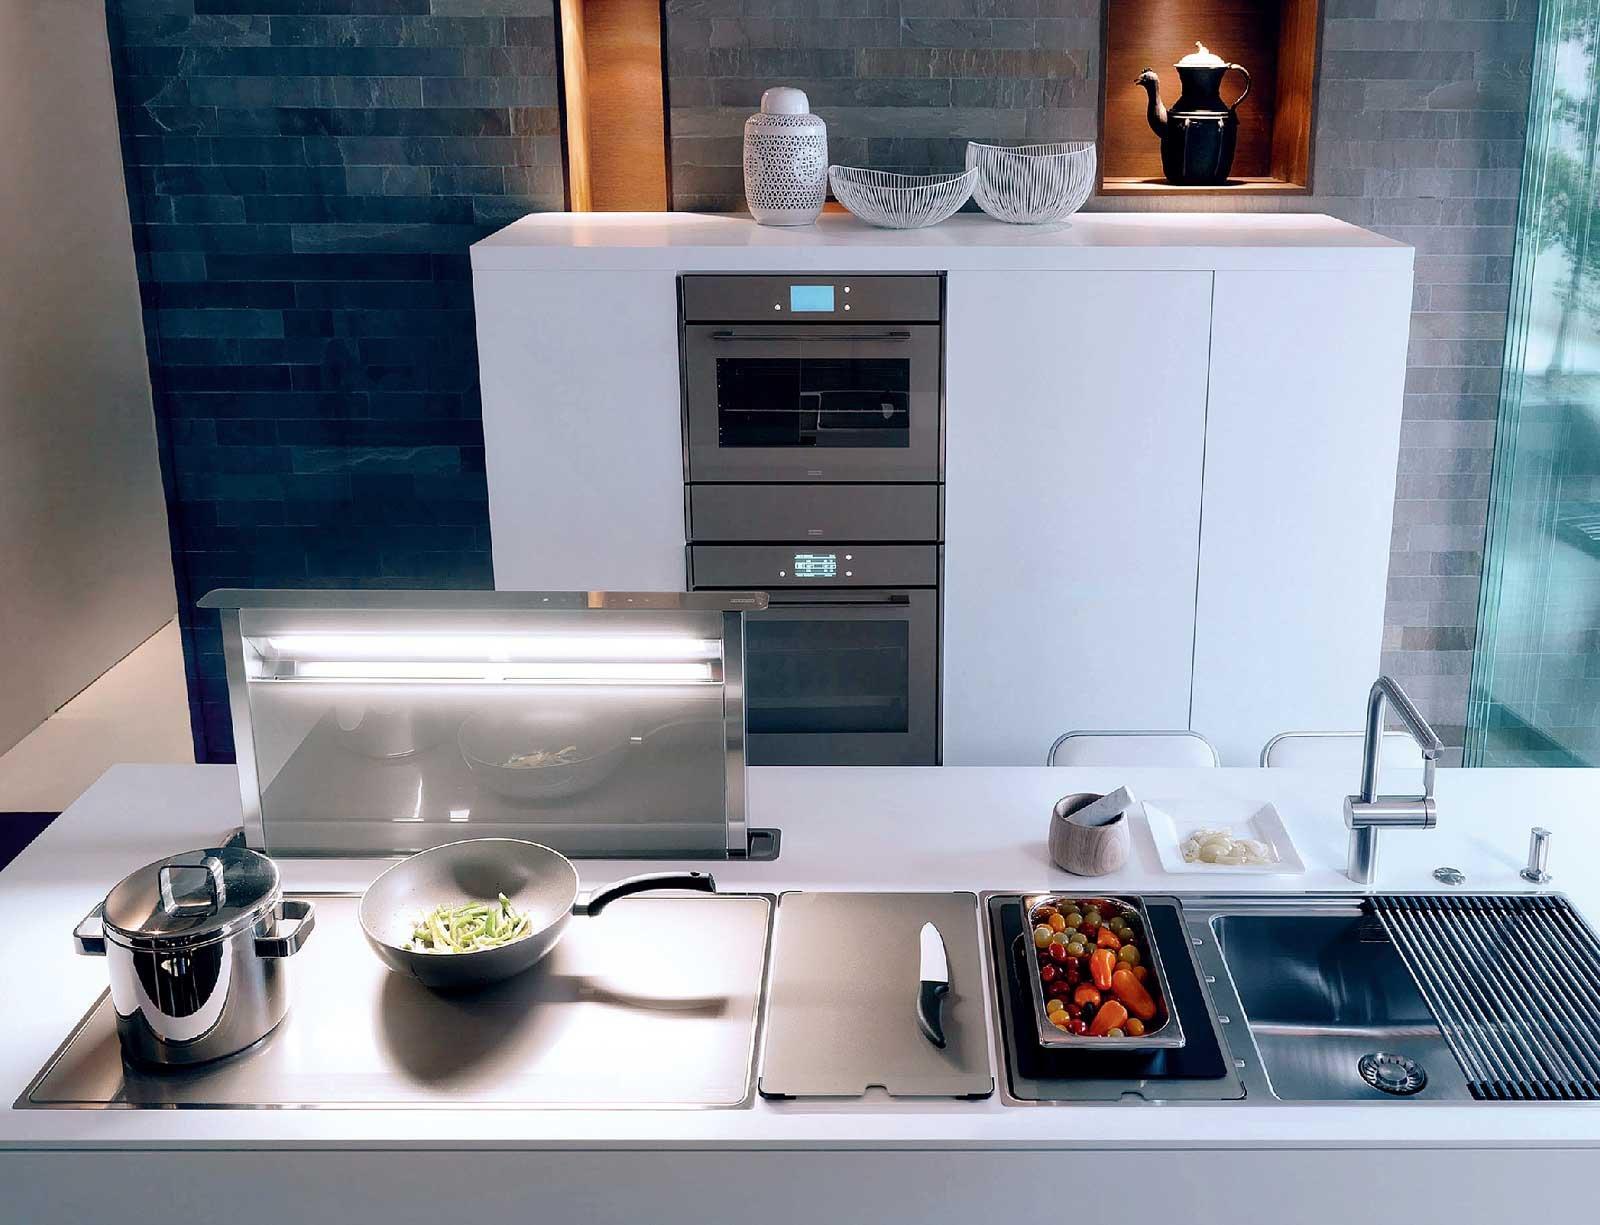 Elettrodomestici da chef come attrezzare al meglio la - Elettrodomestici cucina a gas ...